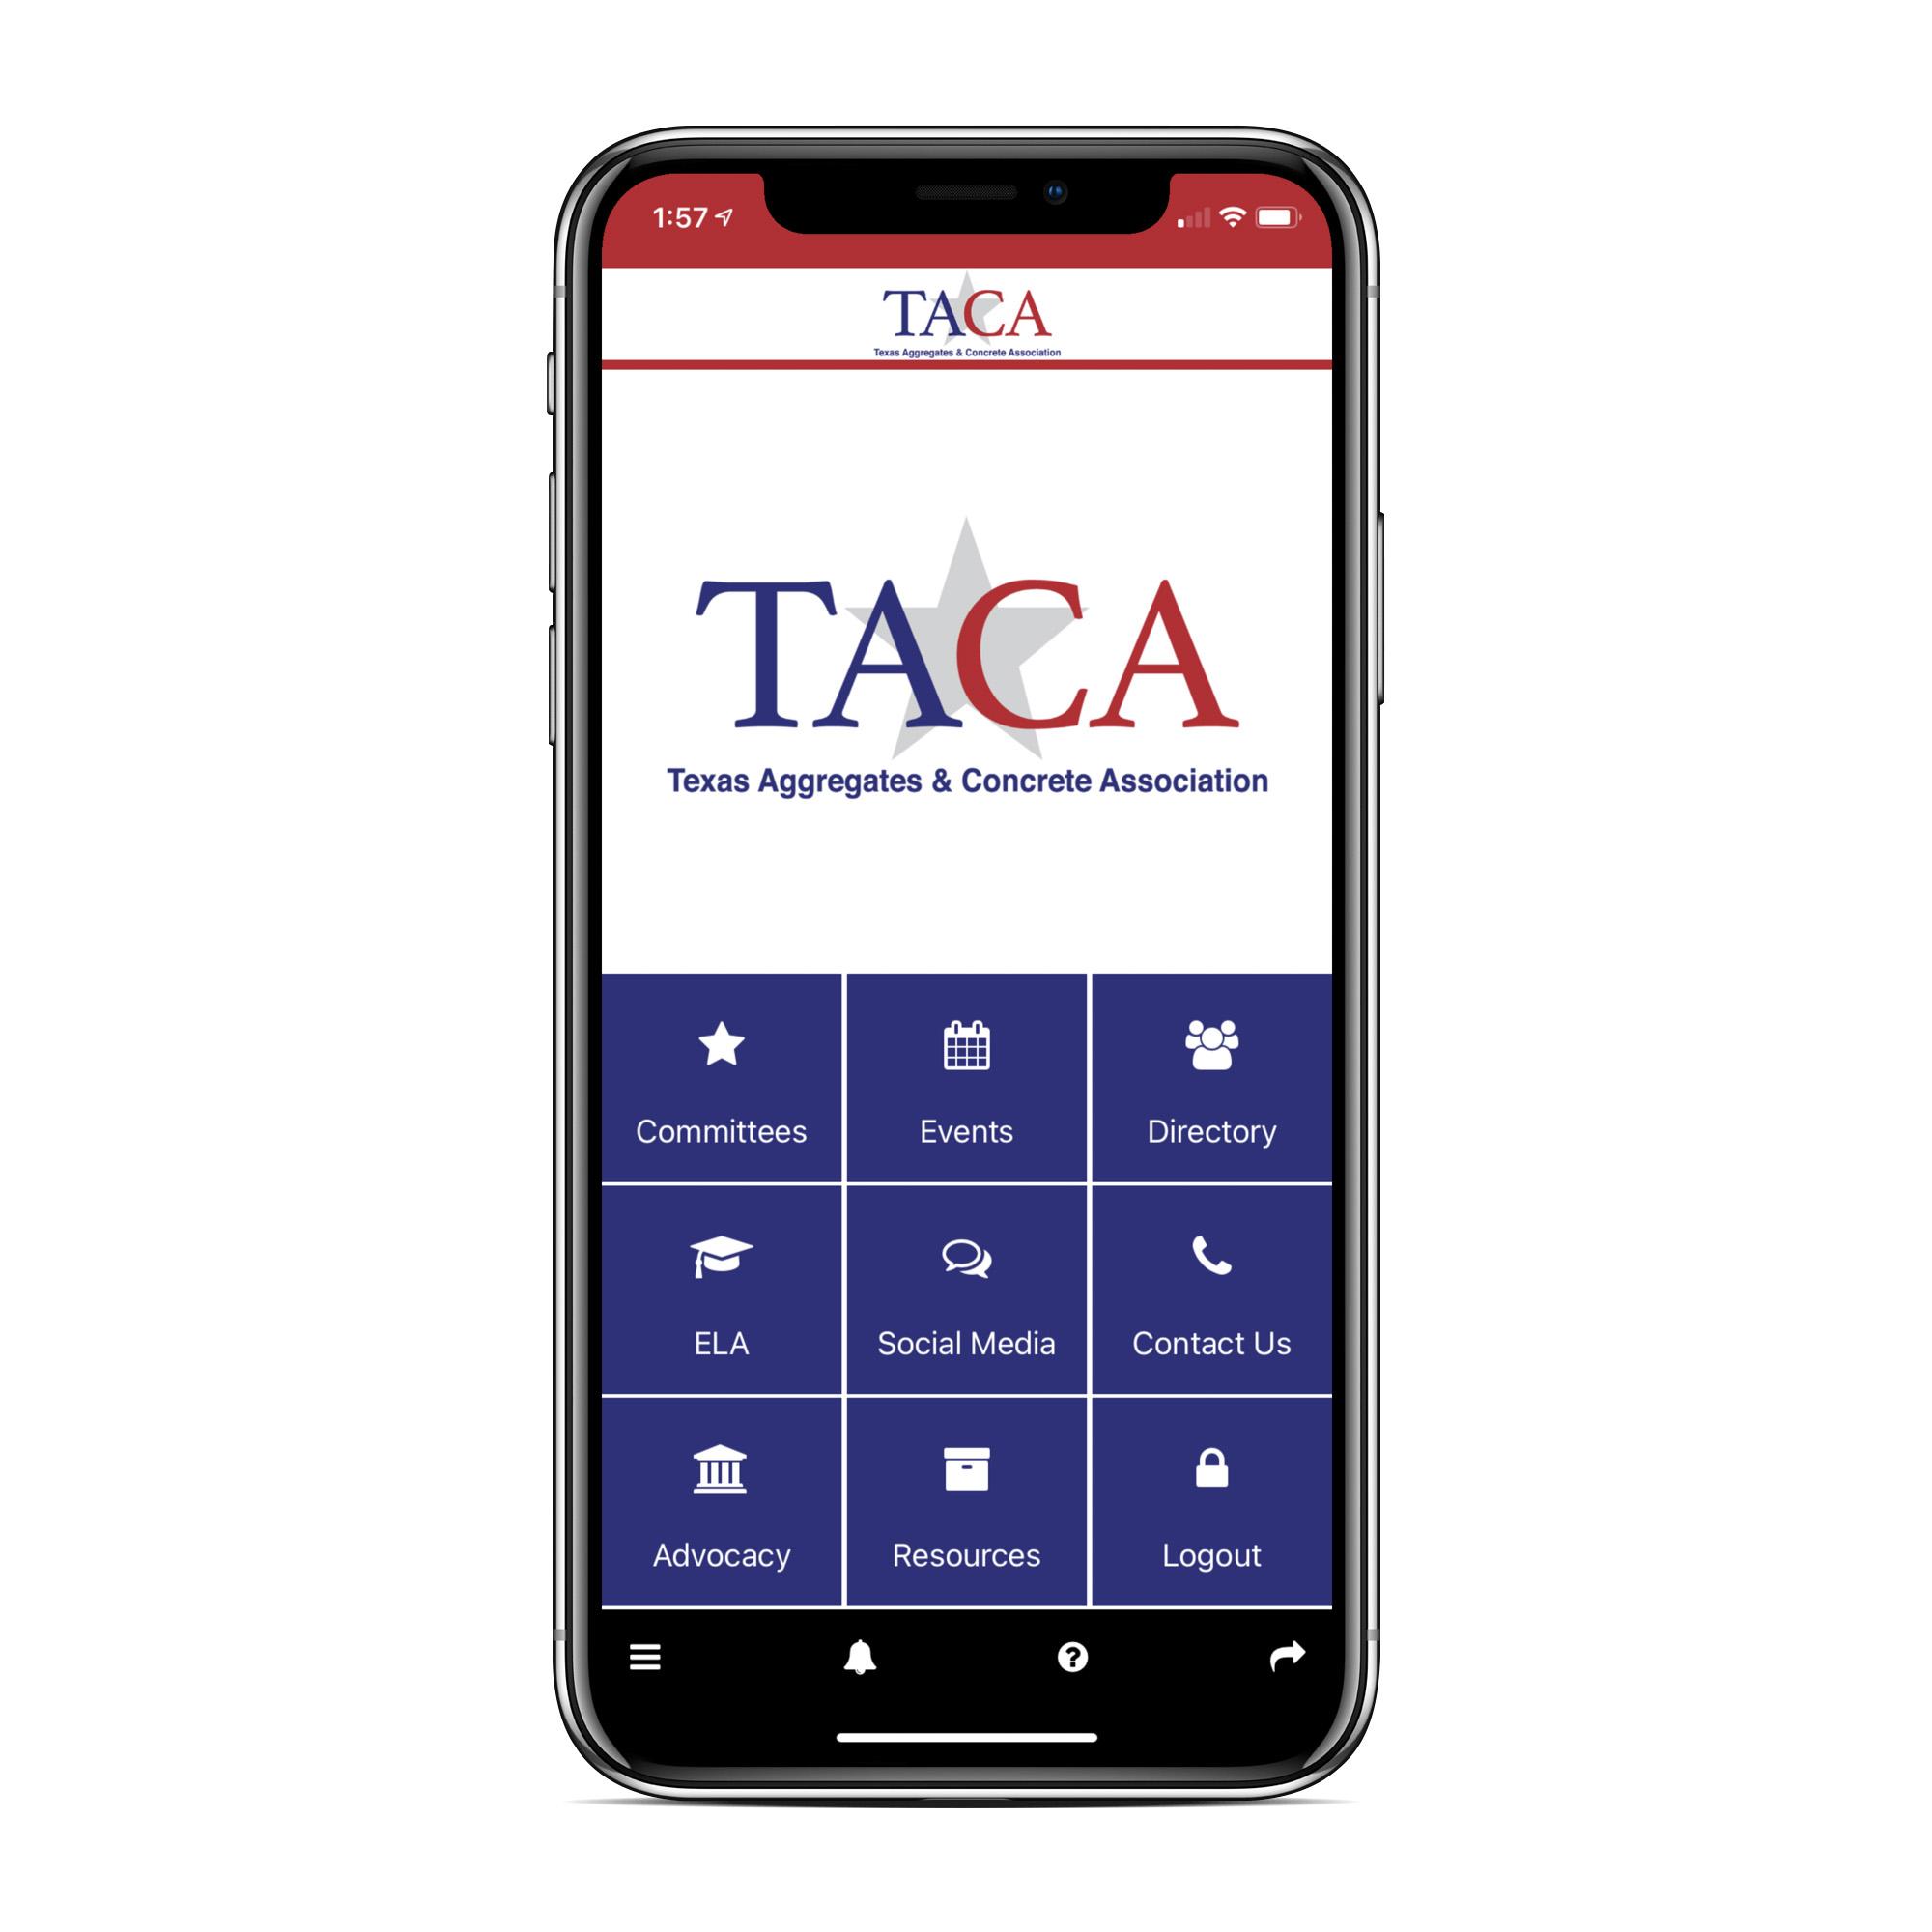 Photo: TACA app